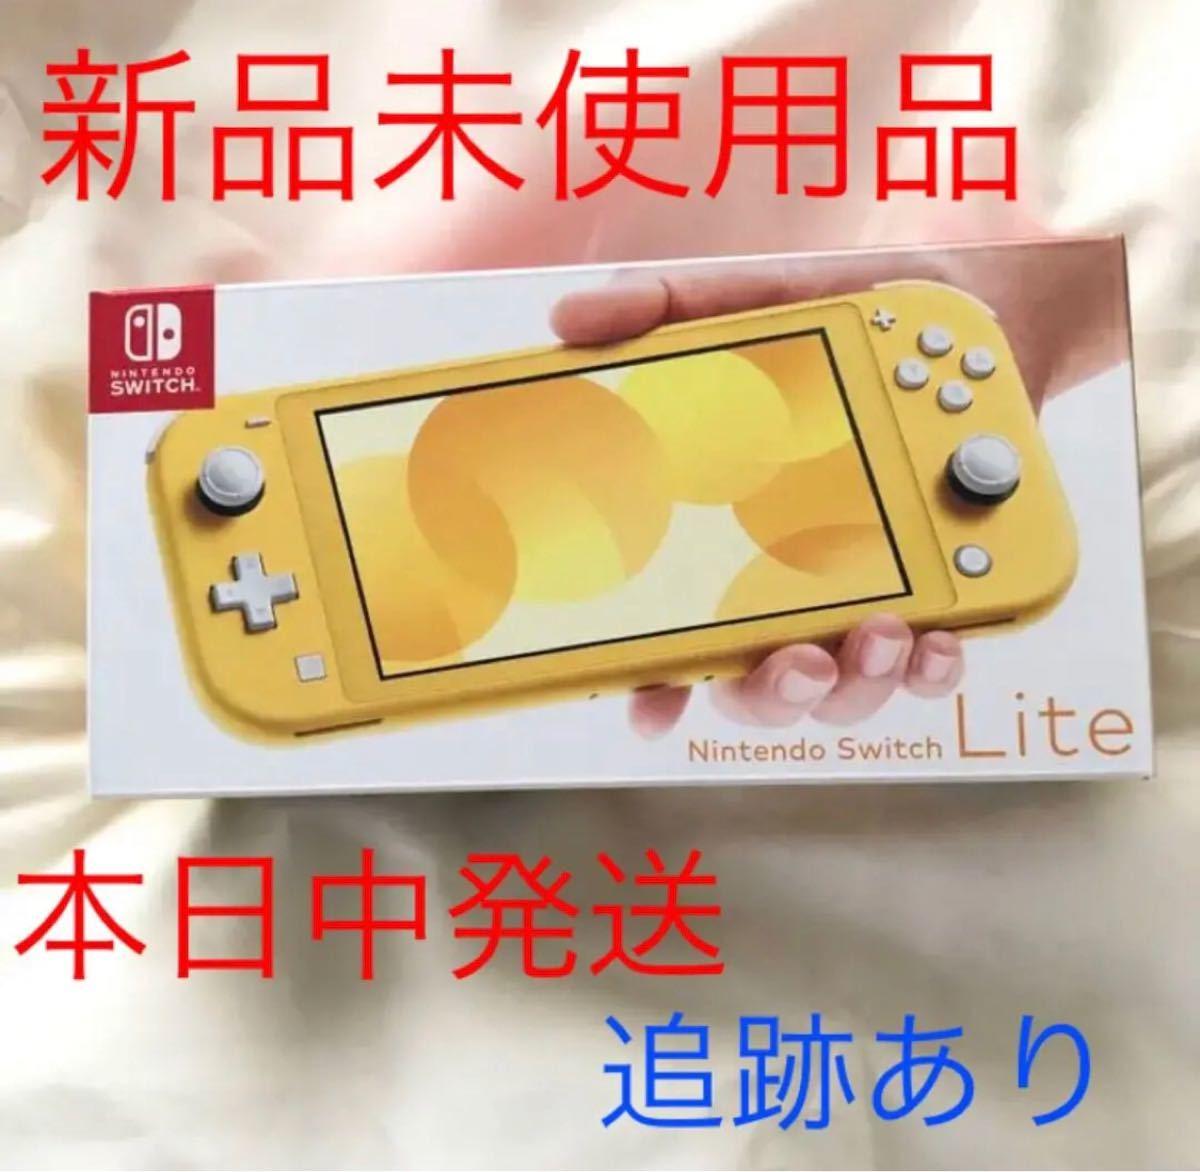 Nintendo Switch lite ニンテンドー スイッチ 本体